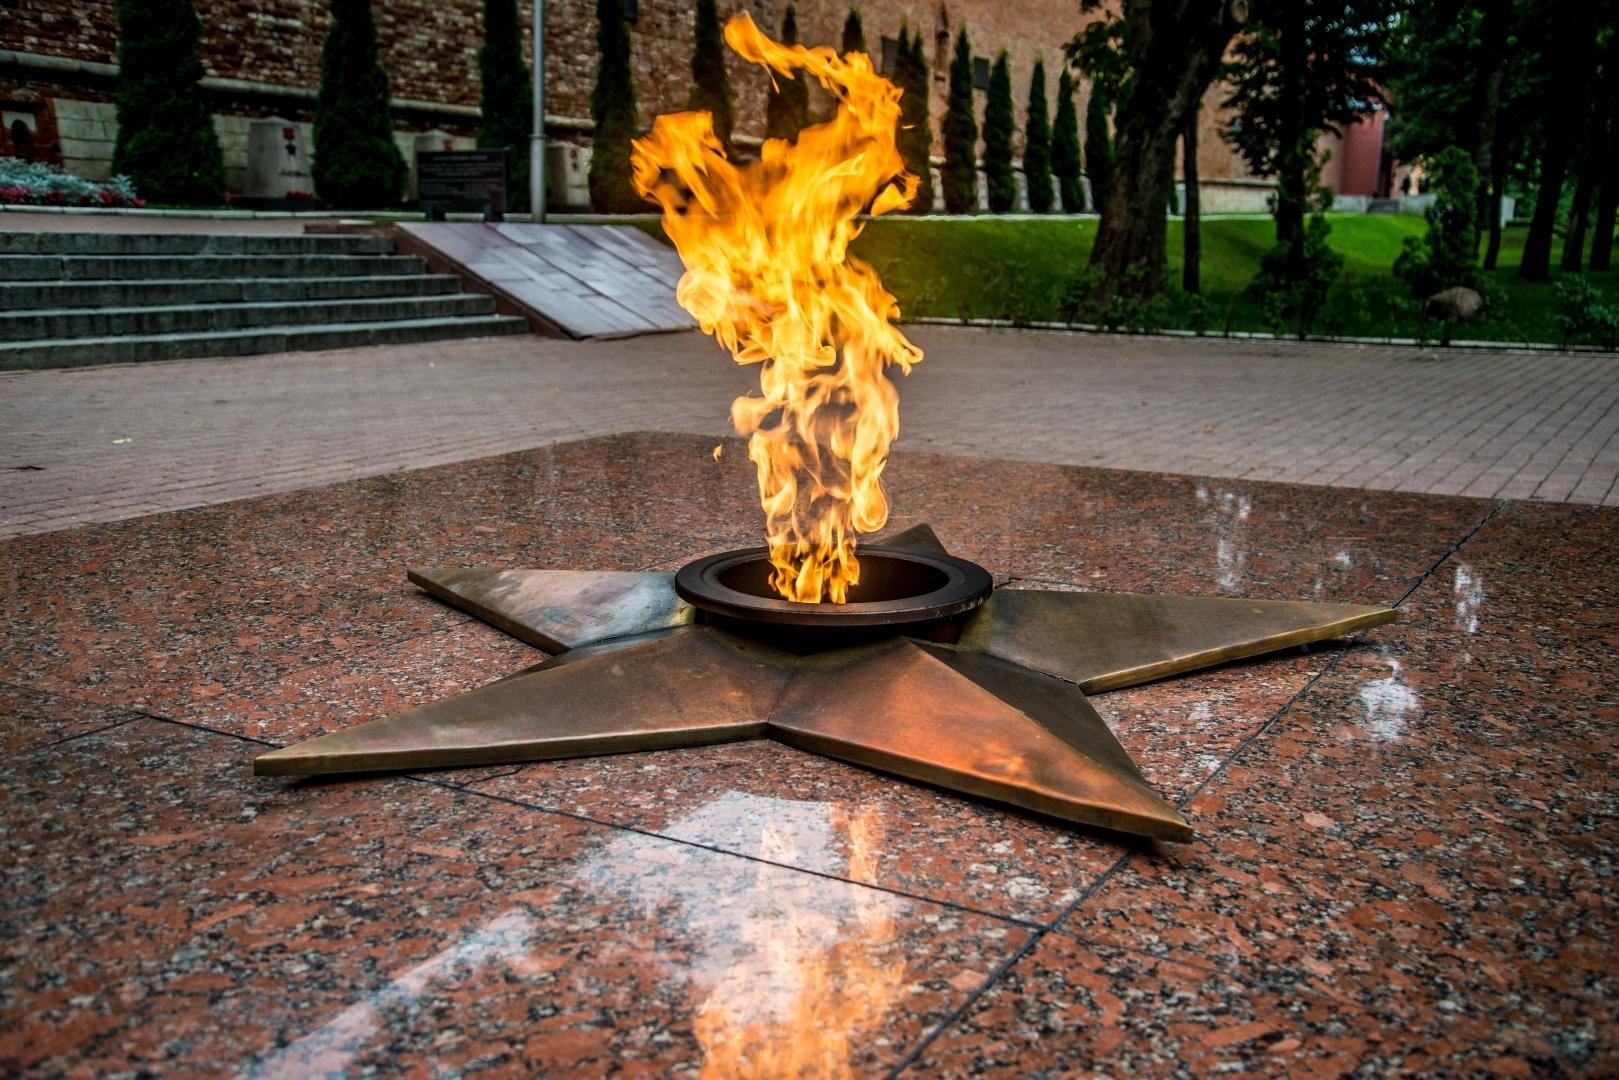 В Вольске началась проверка по факту осквернения Вечного огня